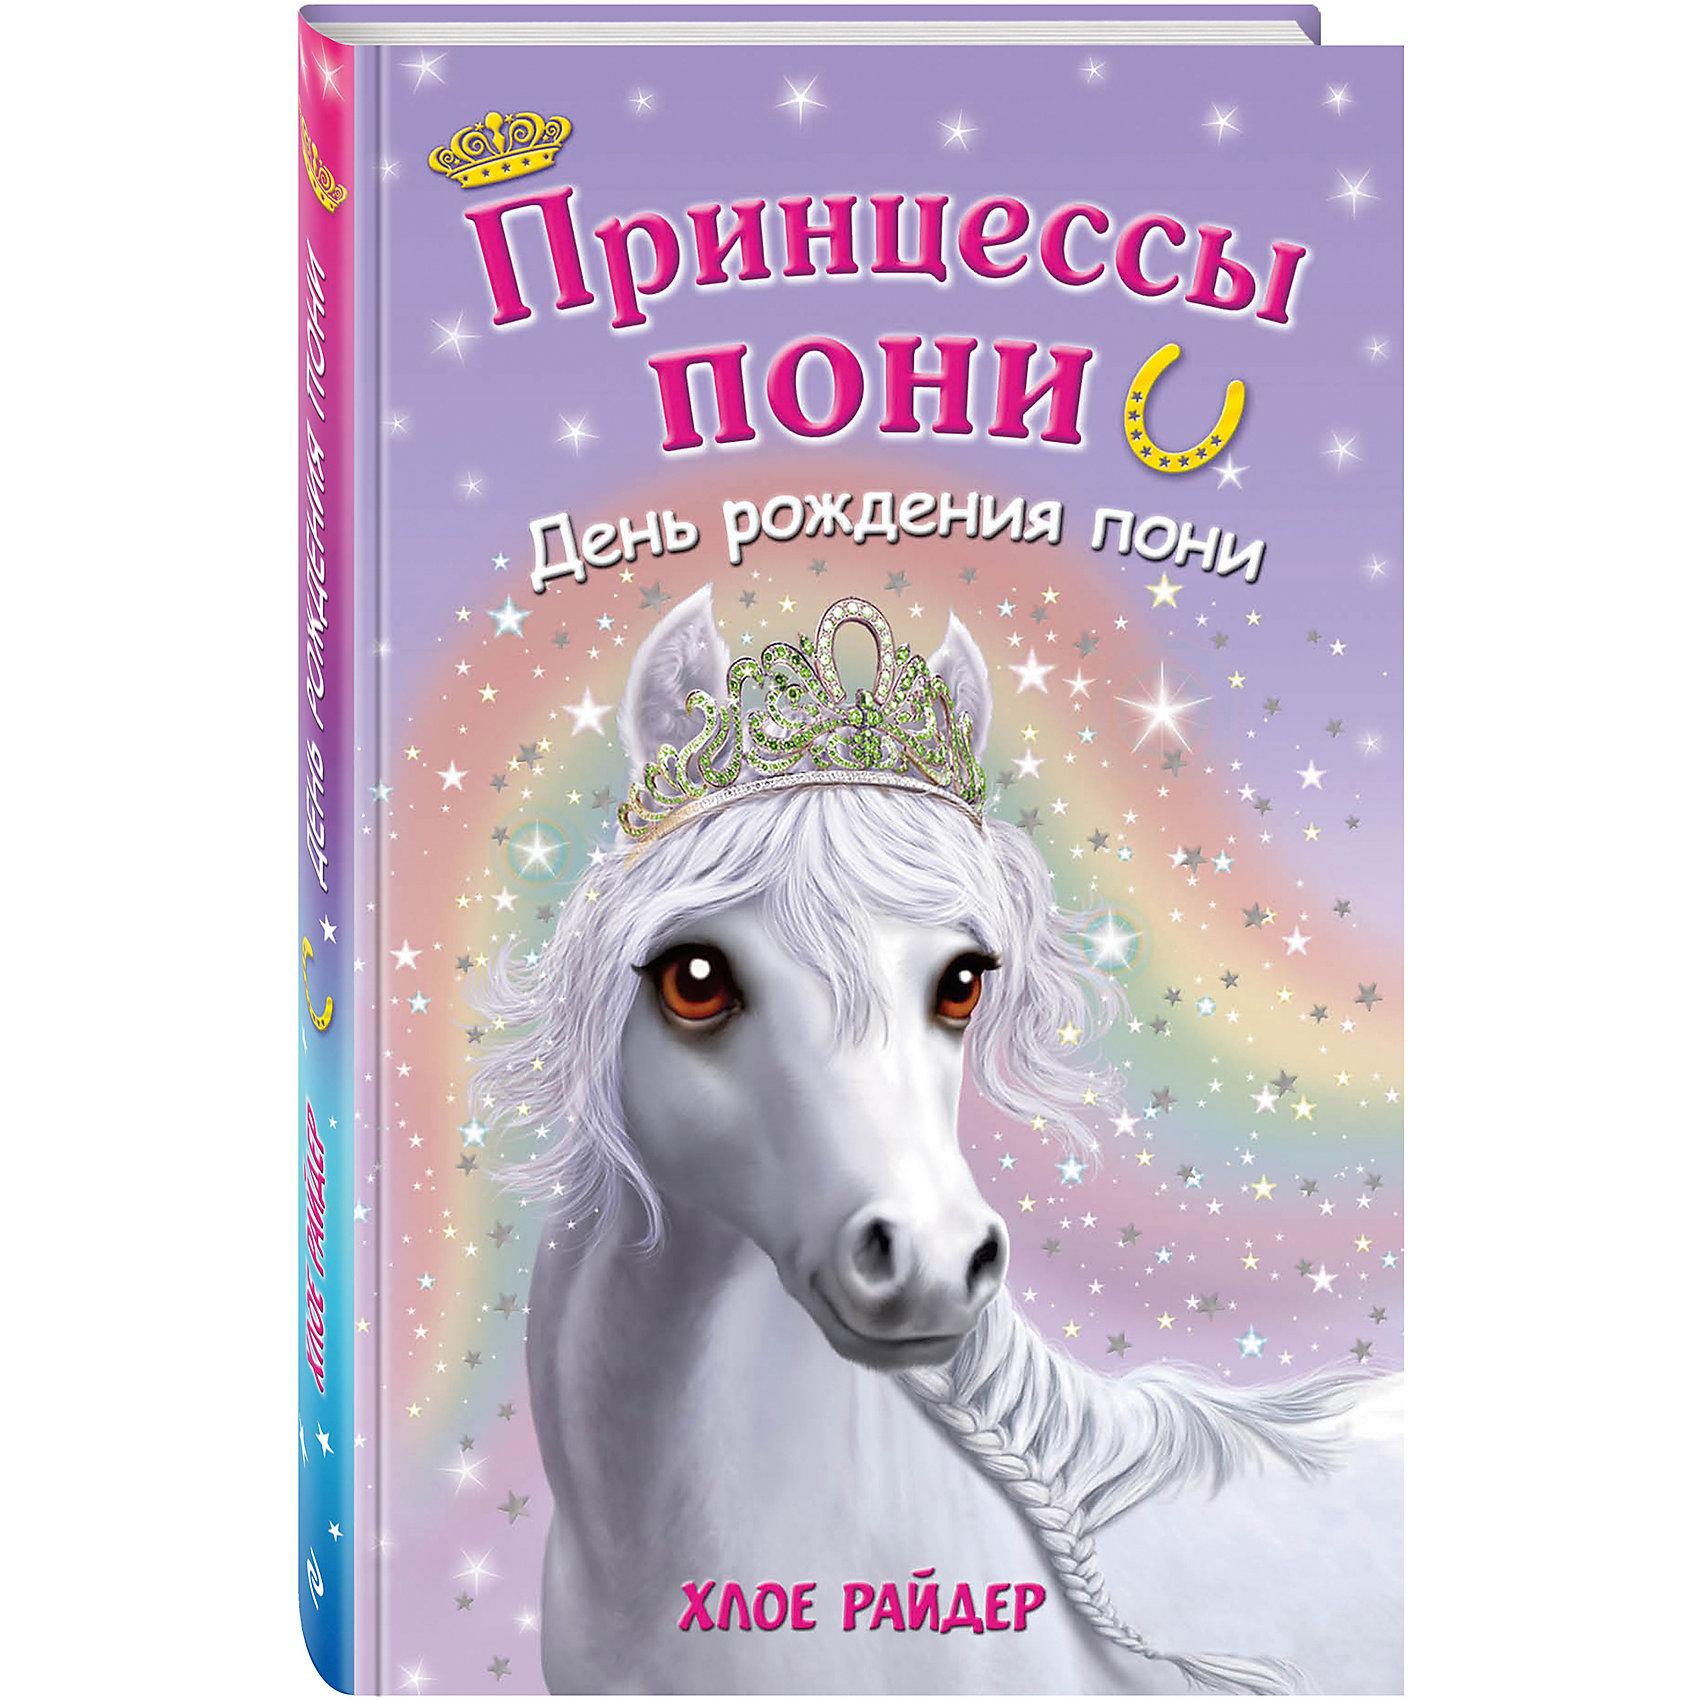 День рождения пониРассказы и повести<br>Привет! Меня зовут Пиппа, и я люблю лошадей. Я просила маму купить мне пони, но оказалось, что это невозможно. Зато теперь я познакомилась с самыми настоящими волшебными пони и меня ждут удивительные приключения!<br><br>После того, как все магические подковы были найдены, казалось, в Шевалии наступил мир. Но коварная злодейка Дивайн при помощи уменьшающего зелья решила похитить нескольких пони в надежде завладеть чудесным островом. Нам со Звездочкой предстоит спасти лошадок и восстановить справедливость!<br><br>Ширина мм: 210<br>Глубина мм: 130<br>Высота мм: 20<br>Вес г: 267<br>Возраст от месяцев: 72<br>Возраст до месяцев: 144<br>Пол: Унисекс<br>Возраст: Детский<br>SKU: 6878115